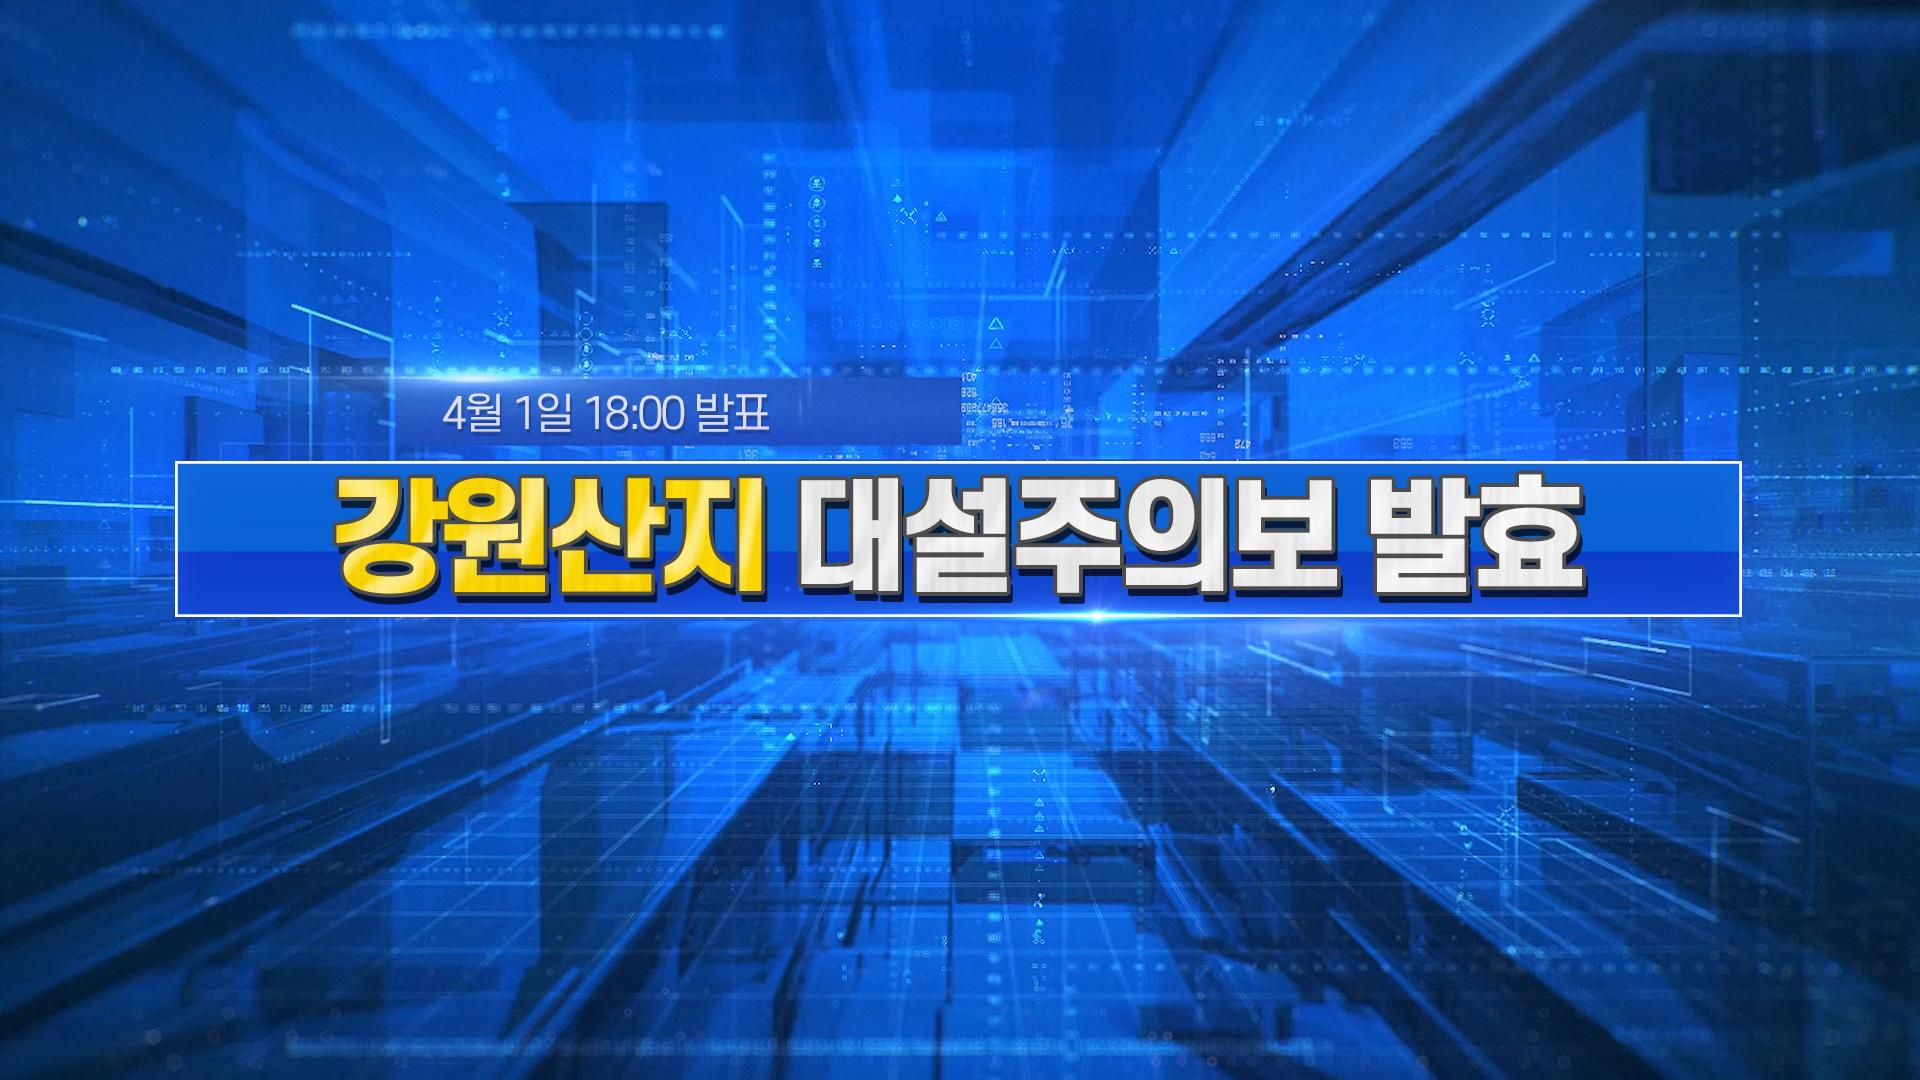 [수시기상정보] 4월 1일 18시 발표, 강원산지 대설주의보 발효